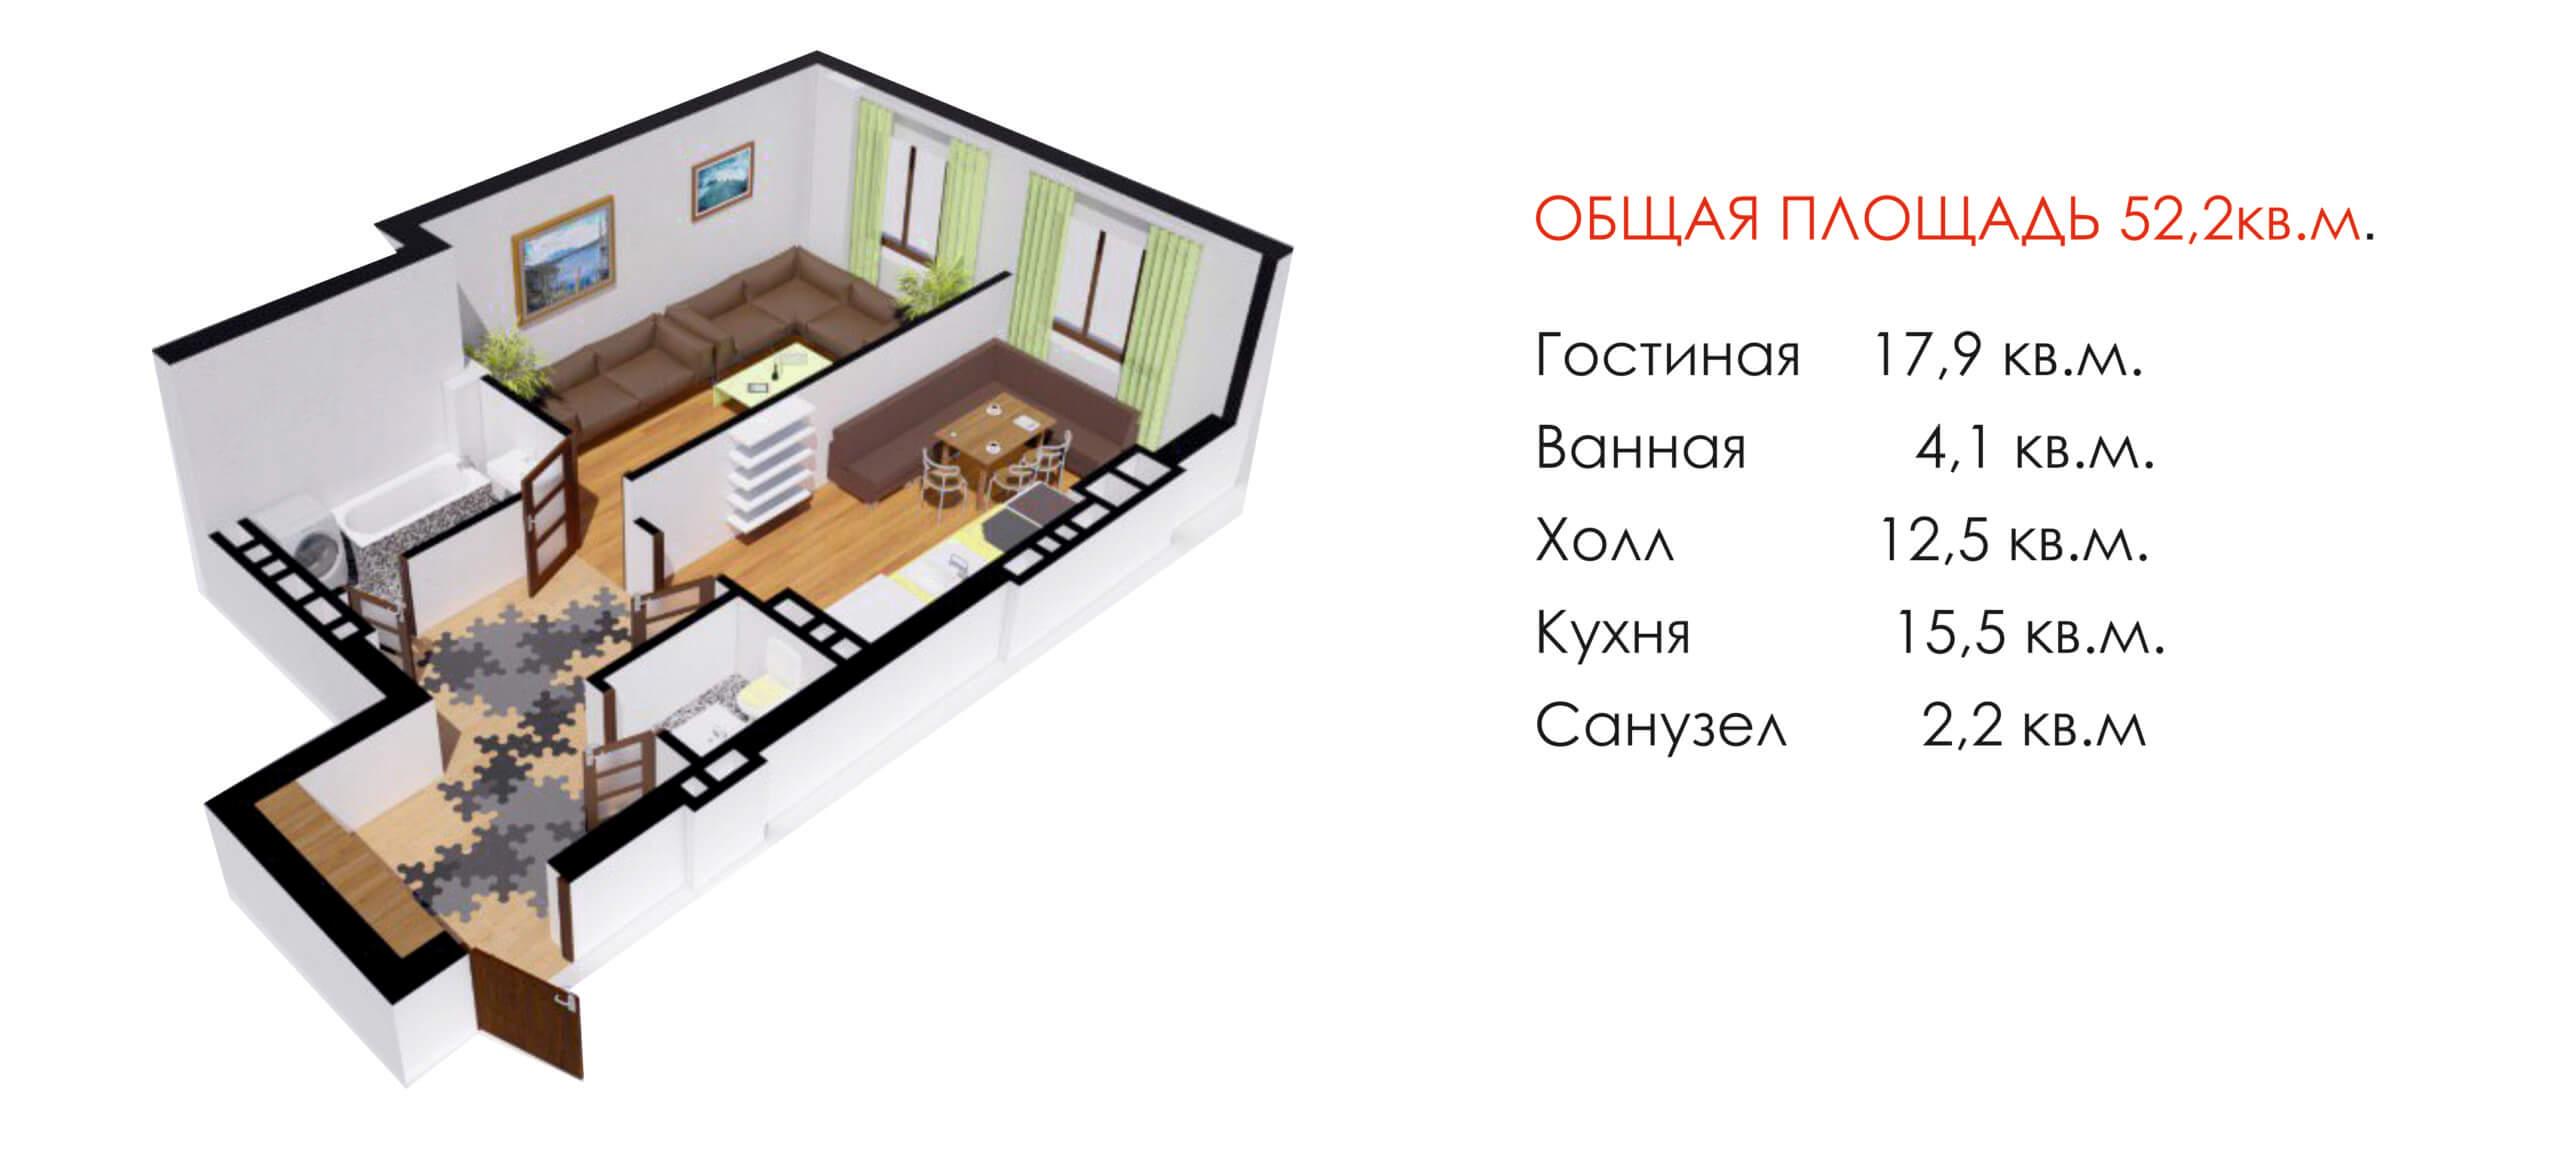 1-но комнатная квартира 52,2 кв.м.